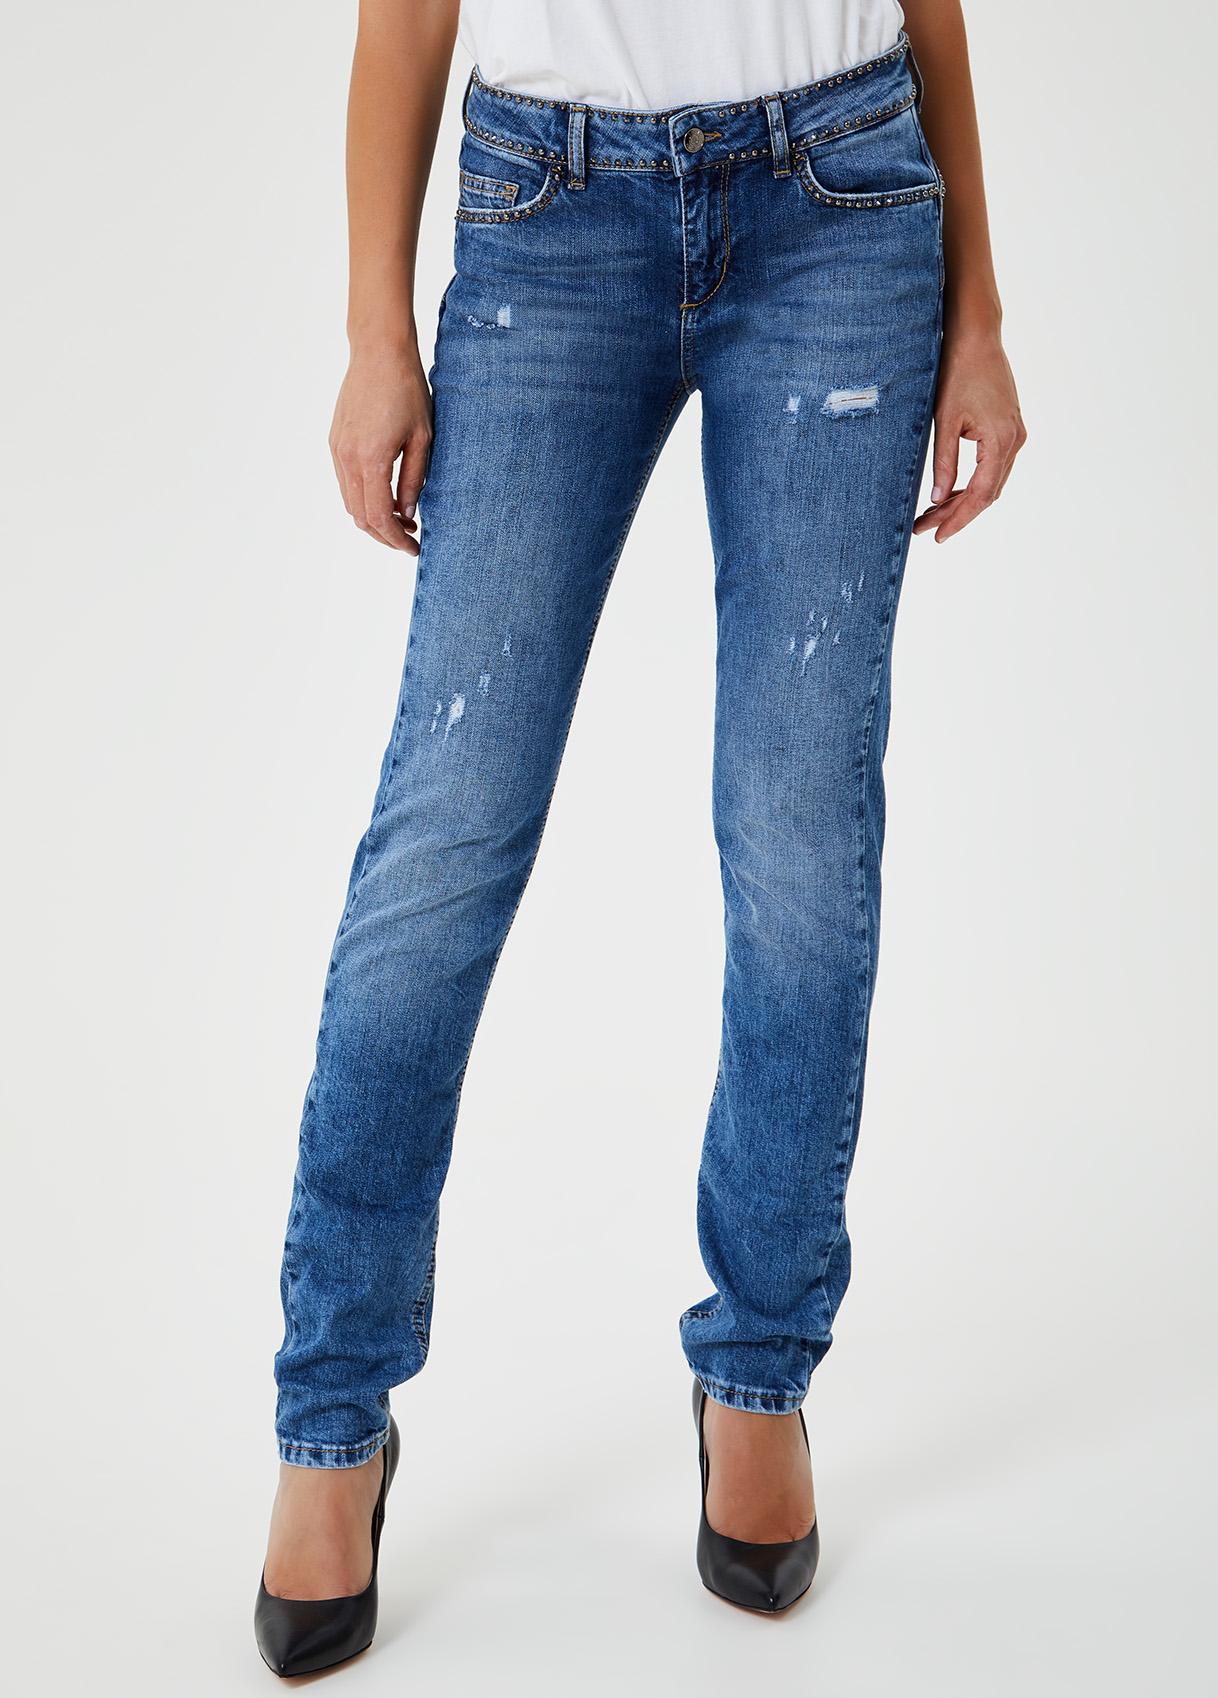 Jeans slim fit con borchie-78093-liujo-large